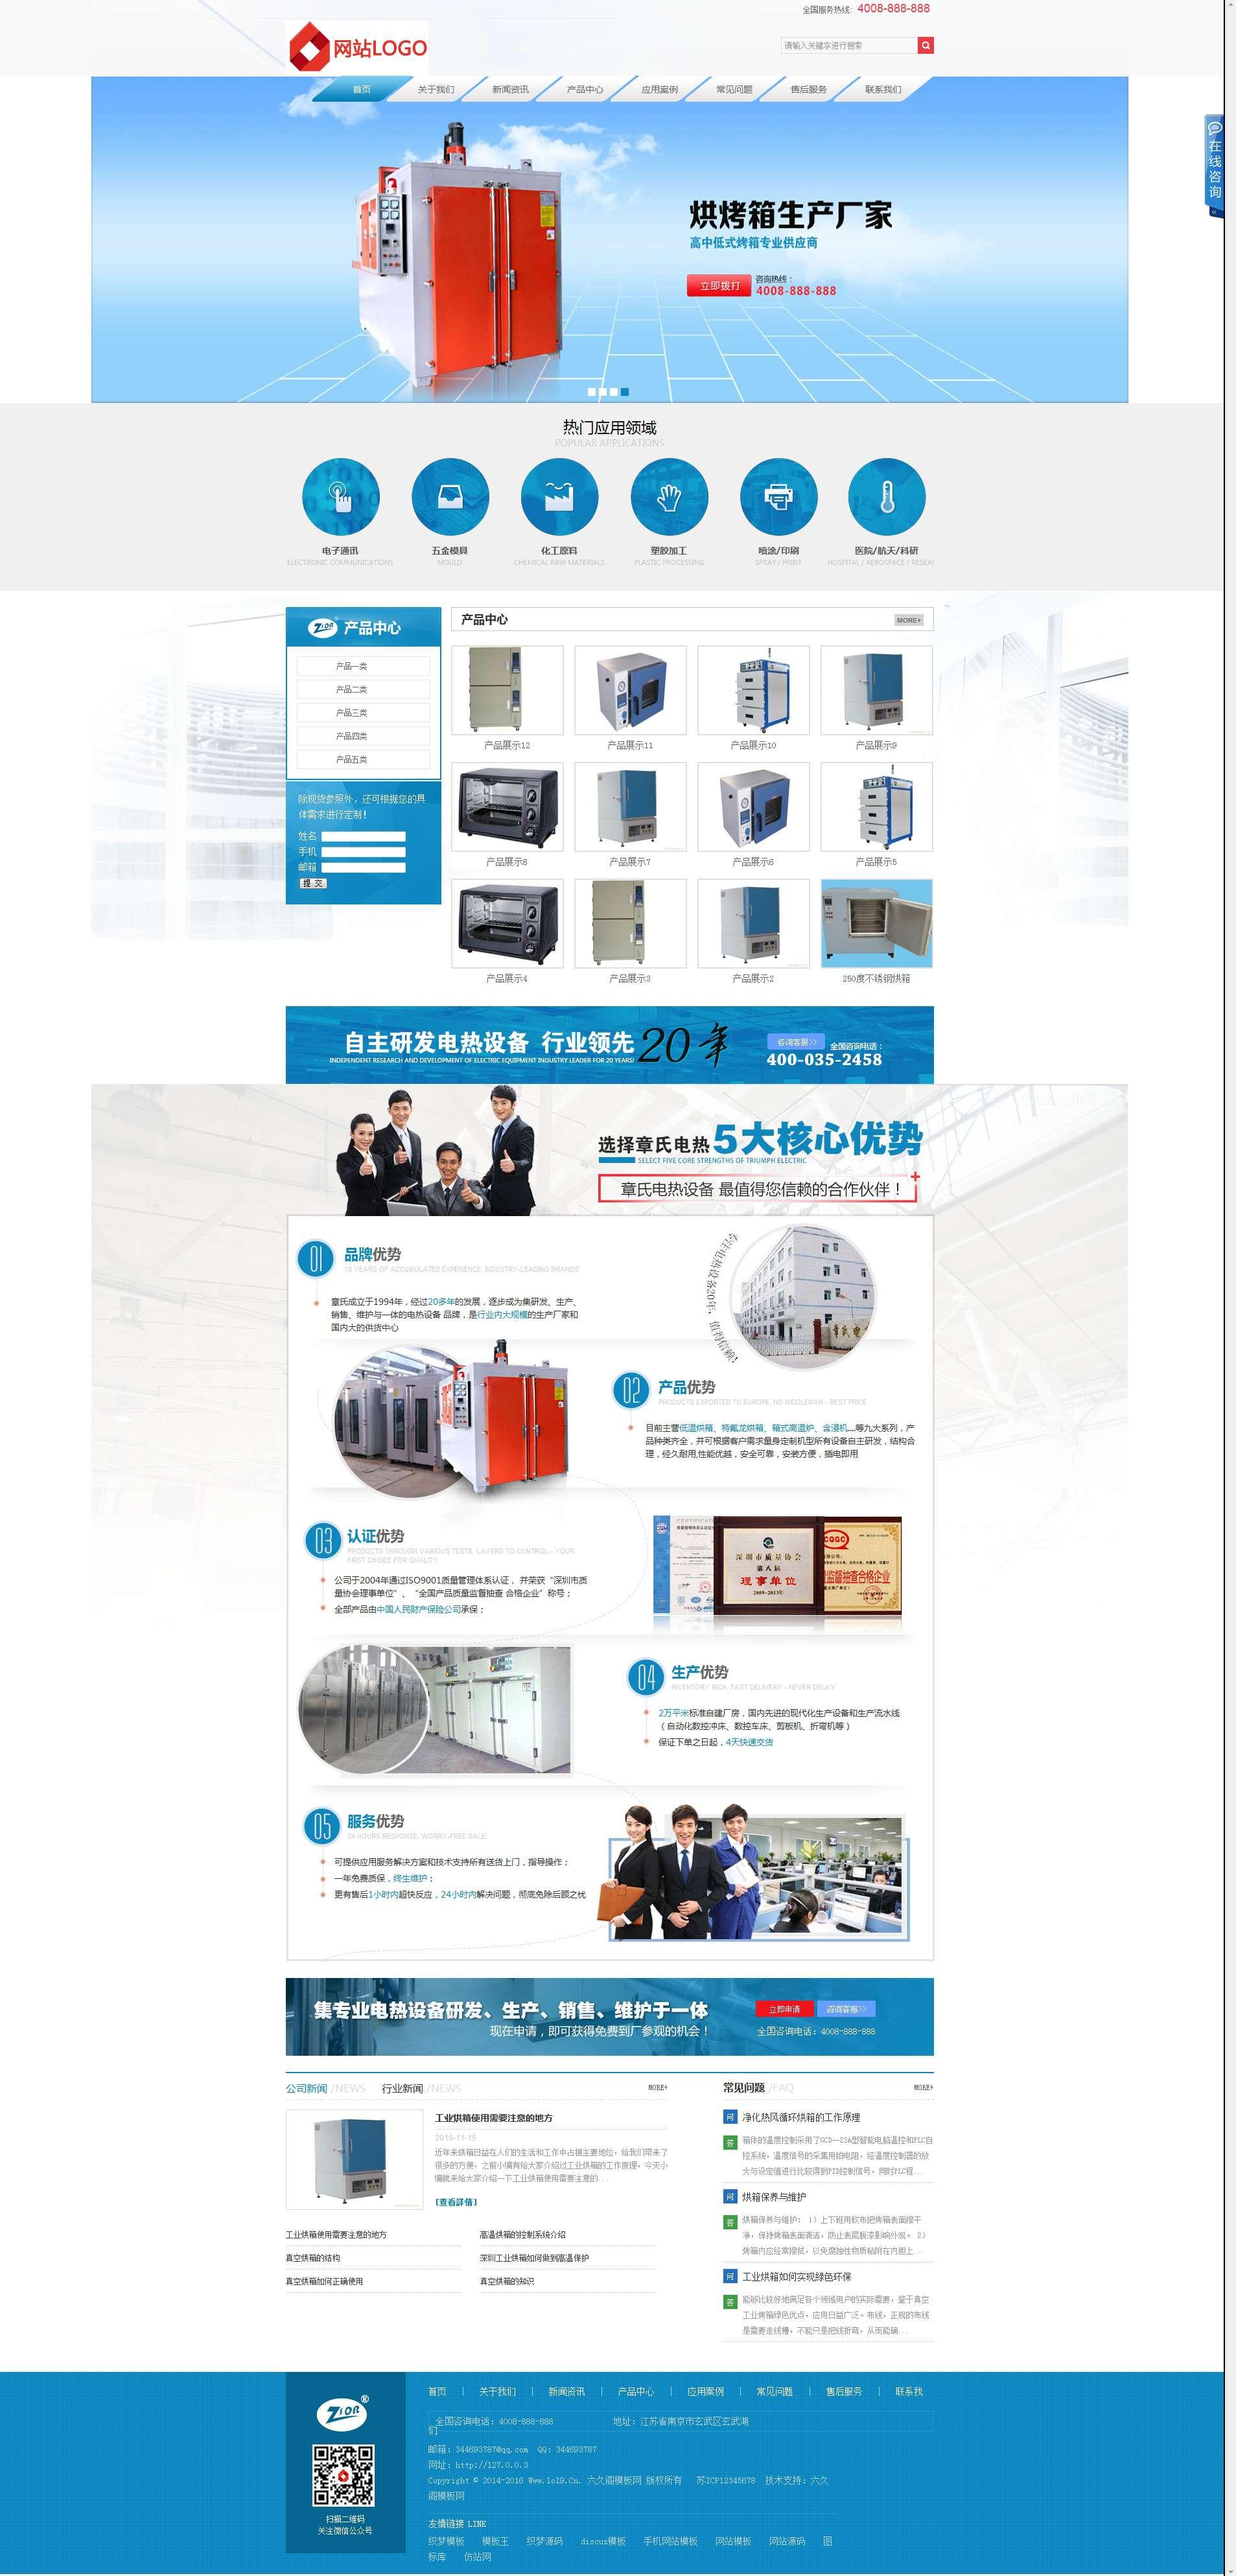 机械设备公司营销型网站源码 营销销售类通用公司企业网站织梦模板